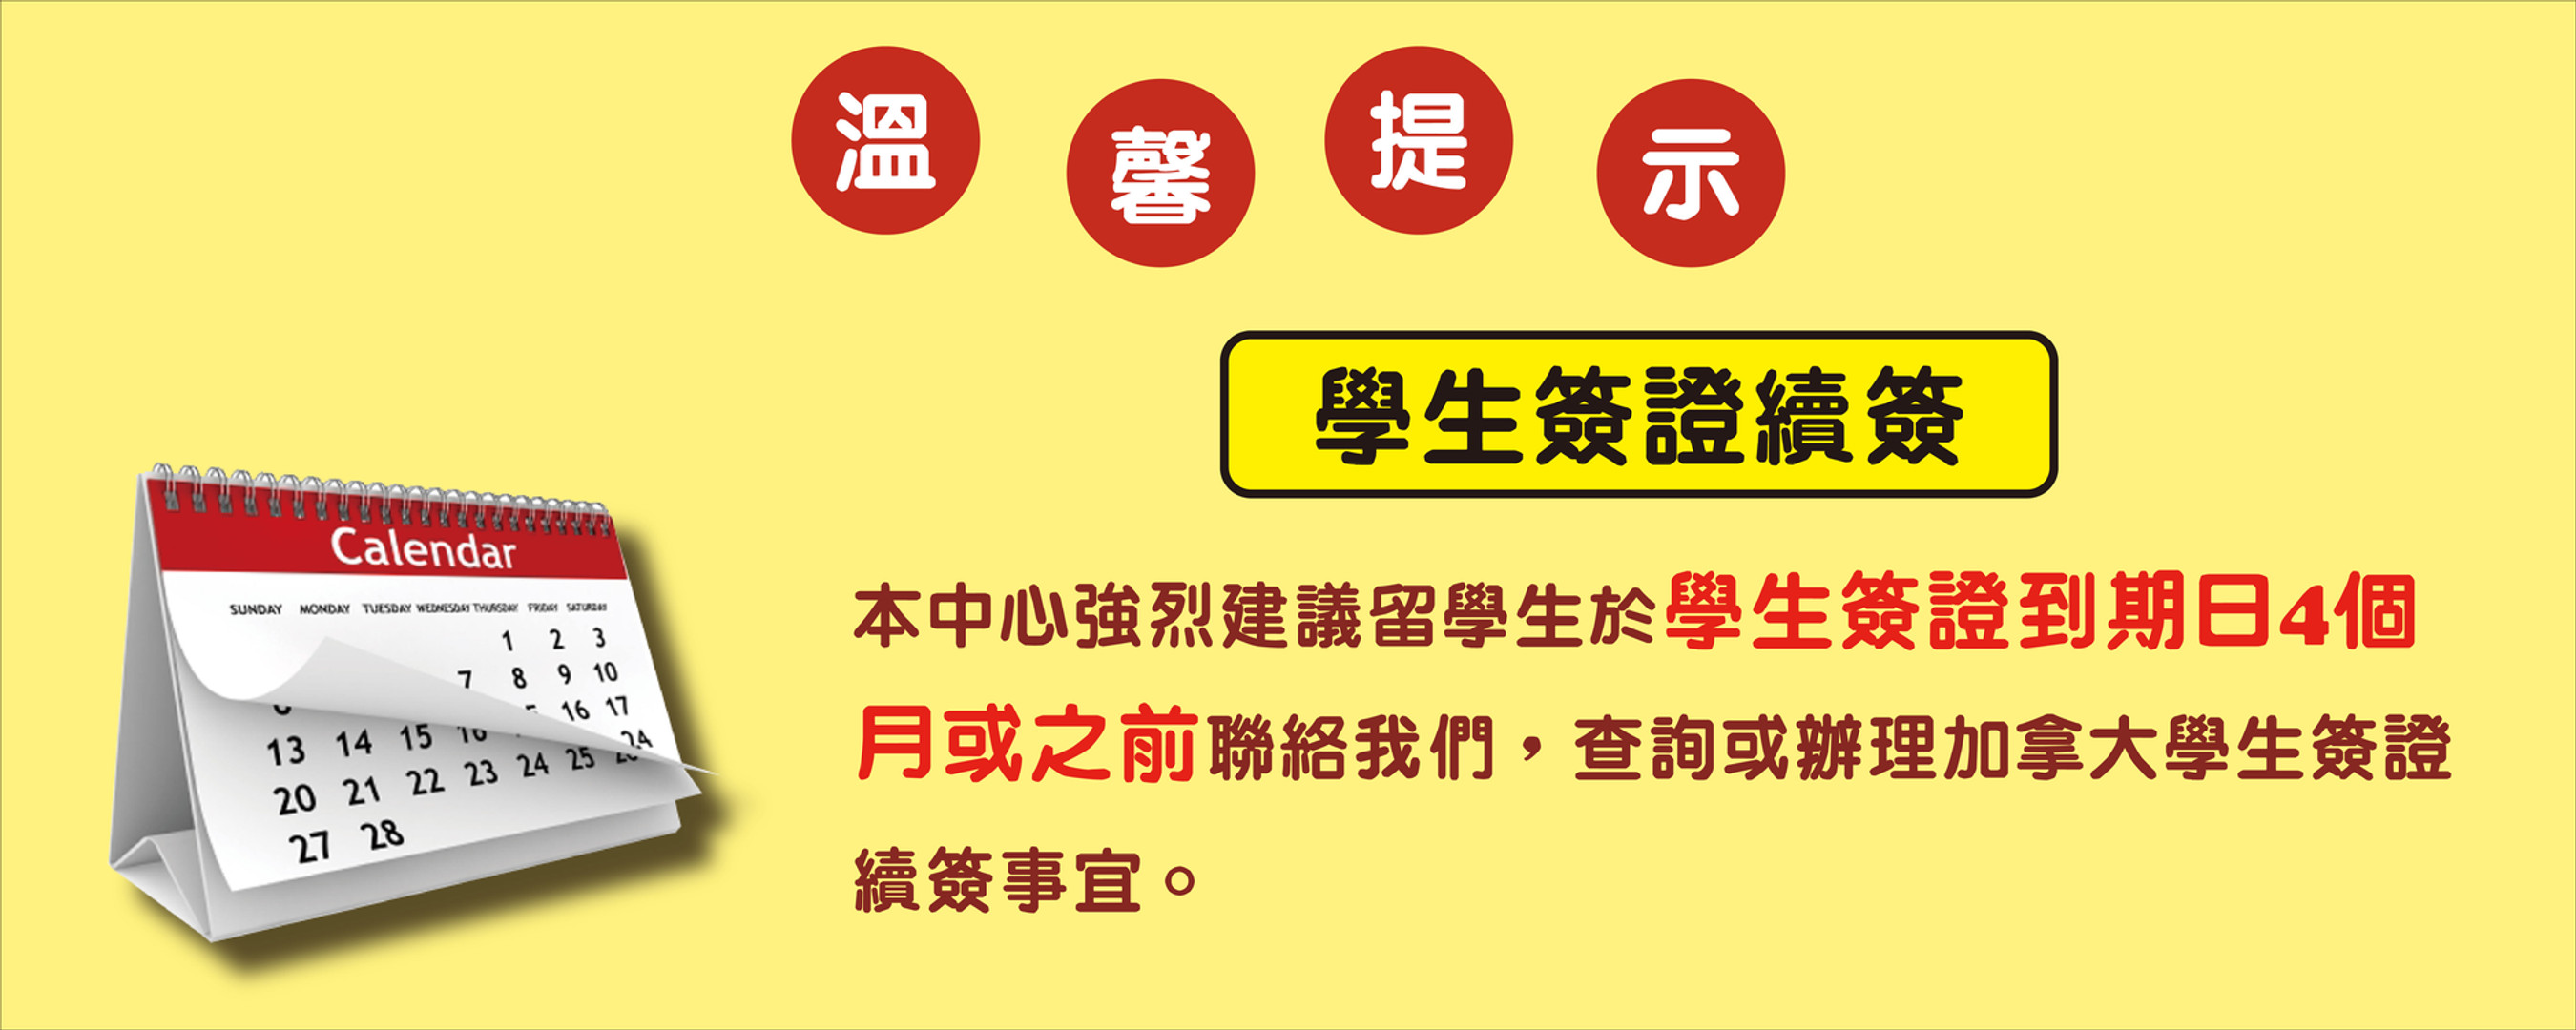 Friendly Reminder - SP Renewal-01.jpg